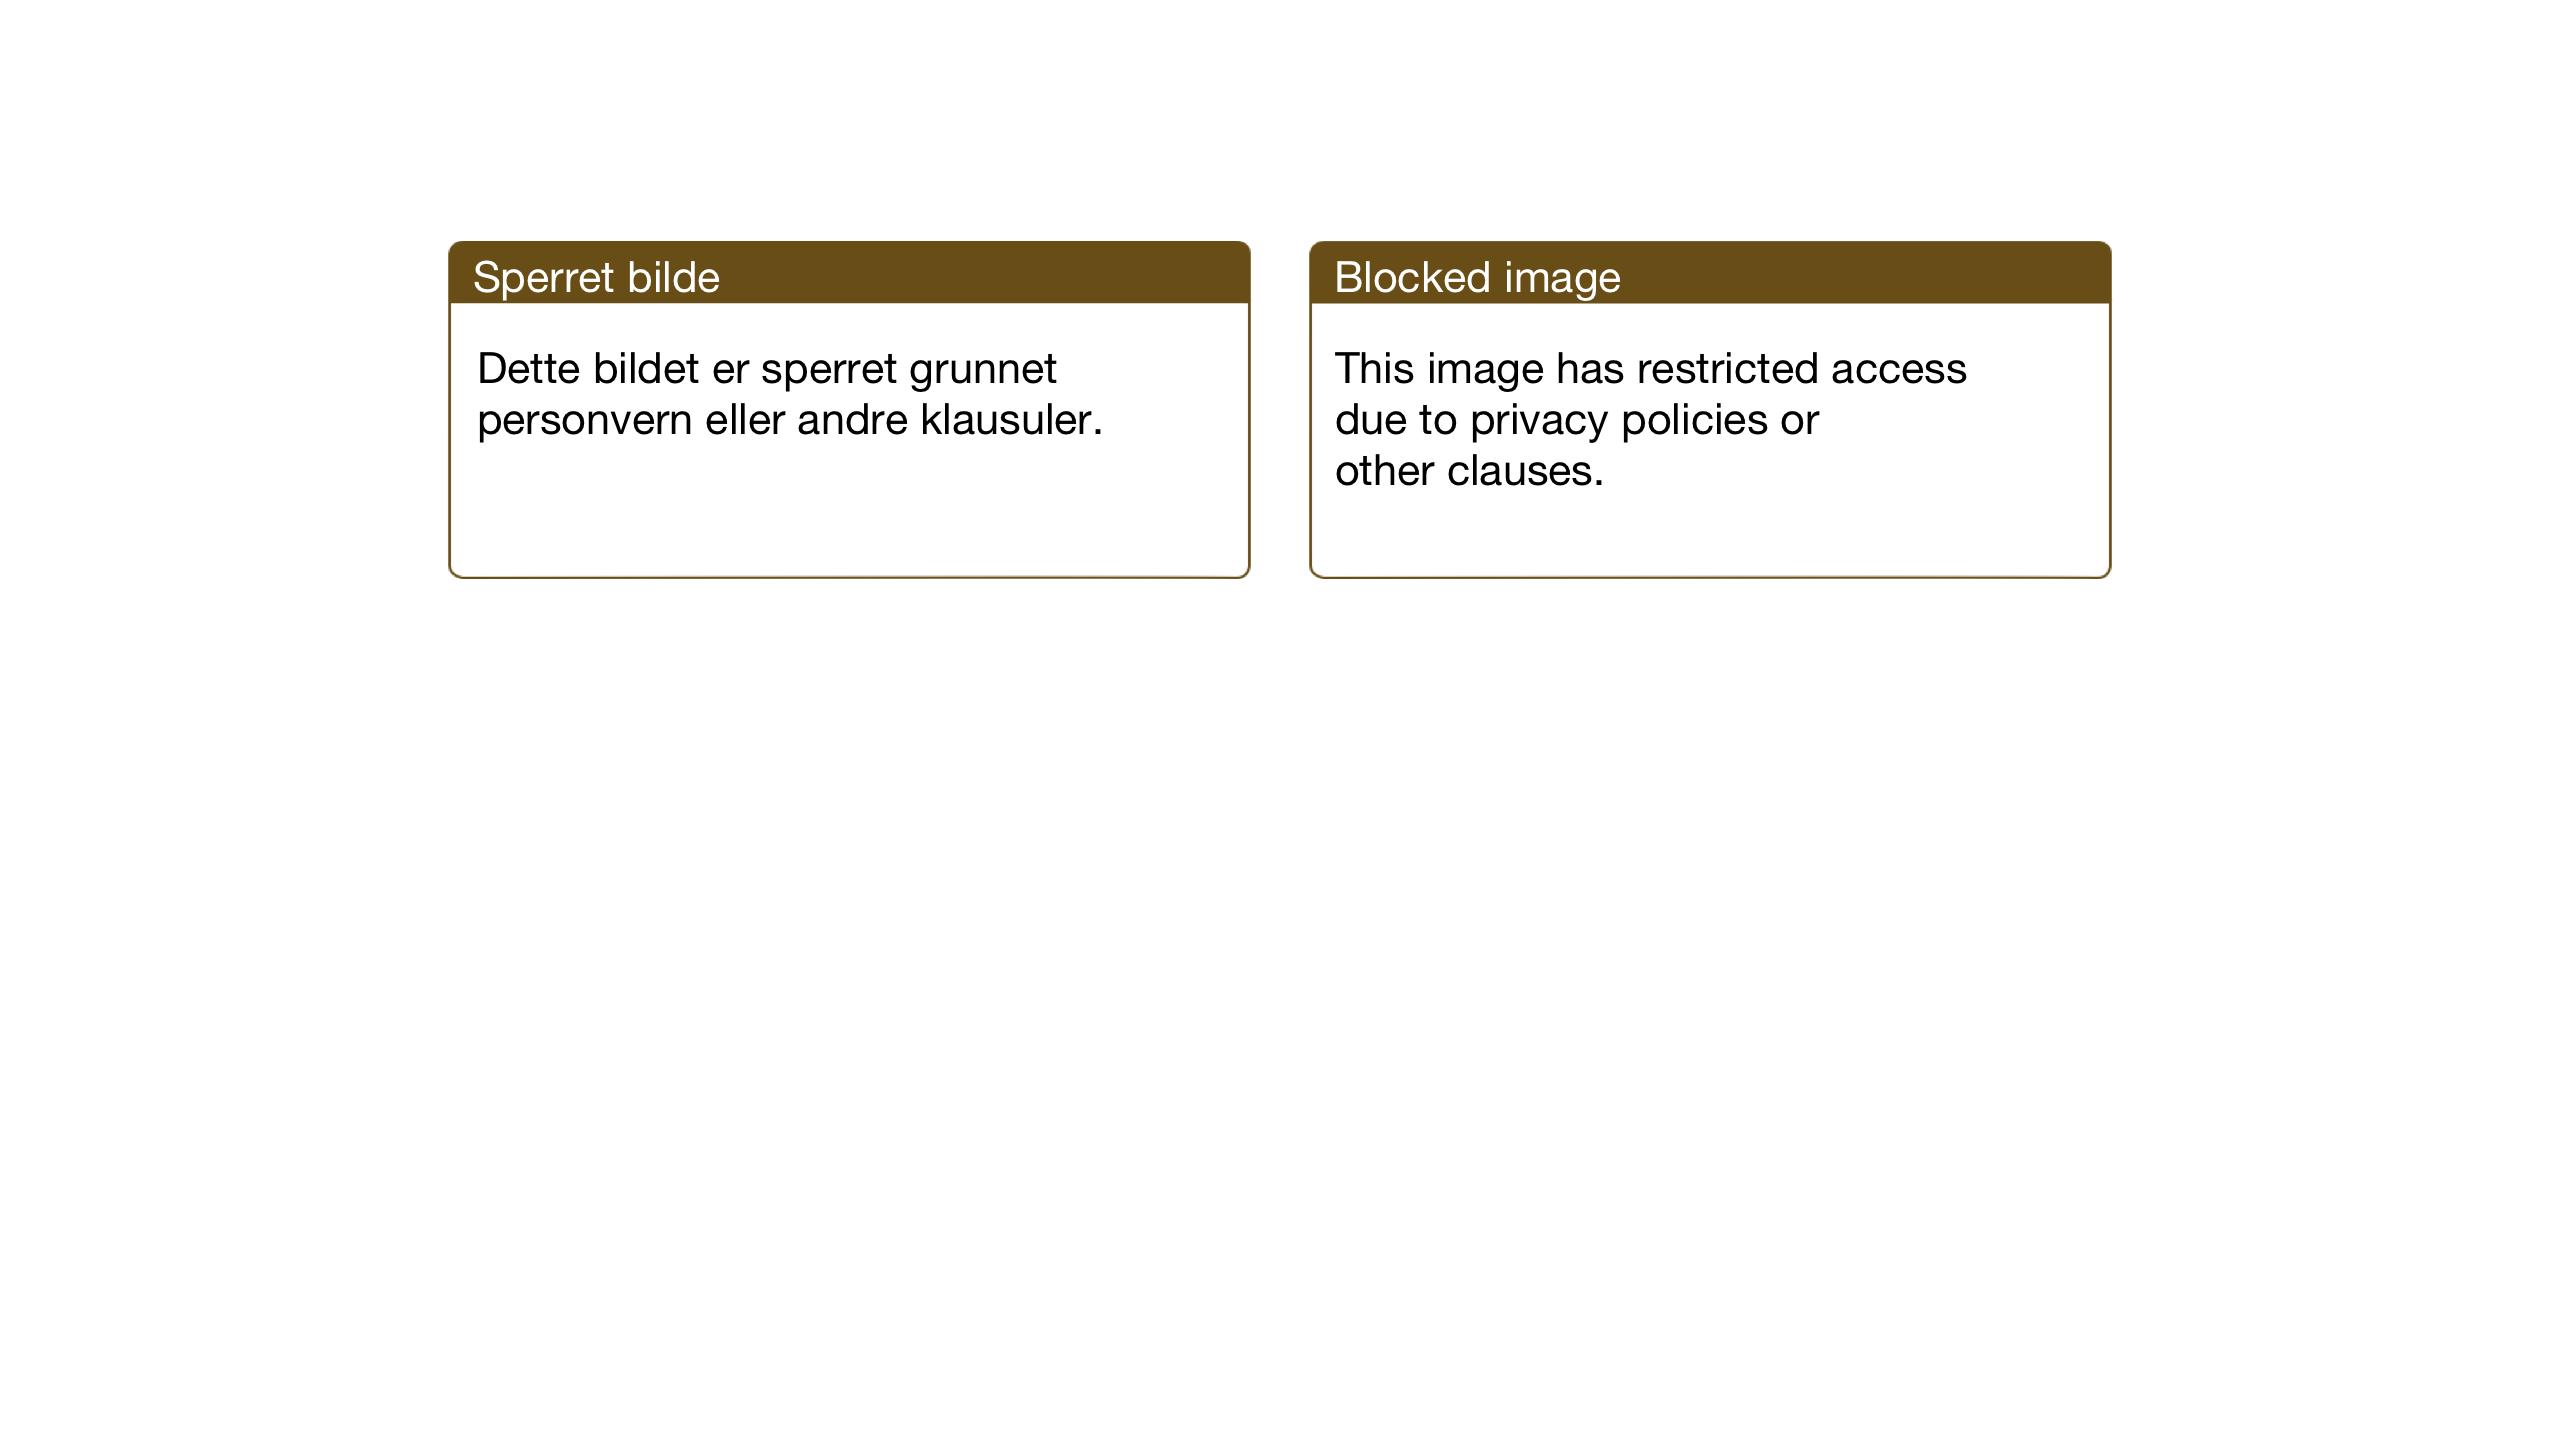 SAT, Ministerialprotokoller, klokkerbøker og fødselsregistre - Sør-Trøndelag, 607/L0328: Klokkerbok nr. 607C02, 1940-1948, s. 103